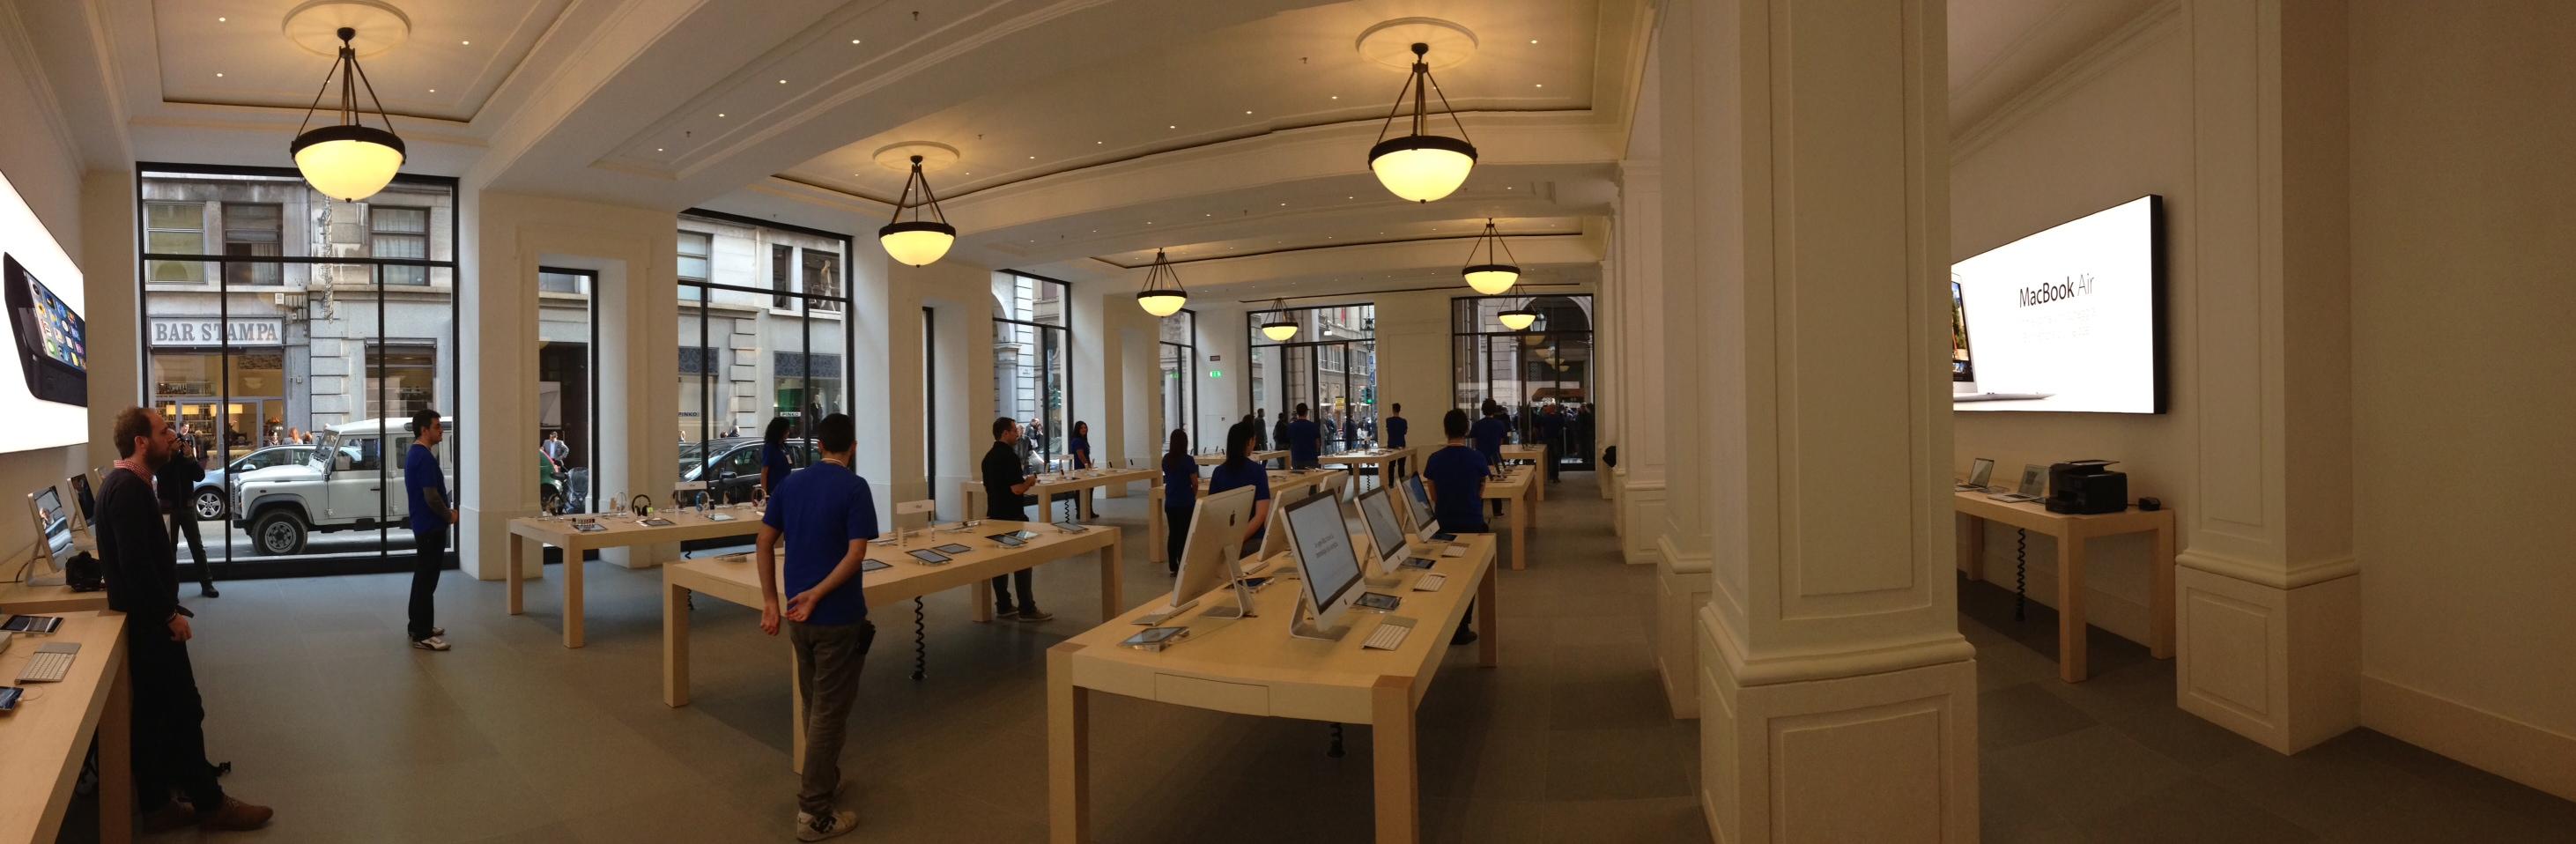 Apple Store di Torino, dei ladri sfondano il vetro